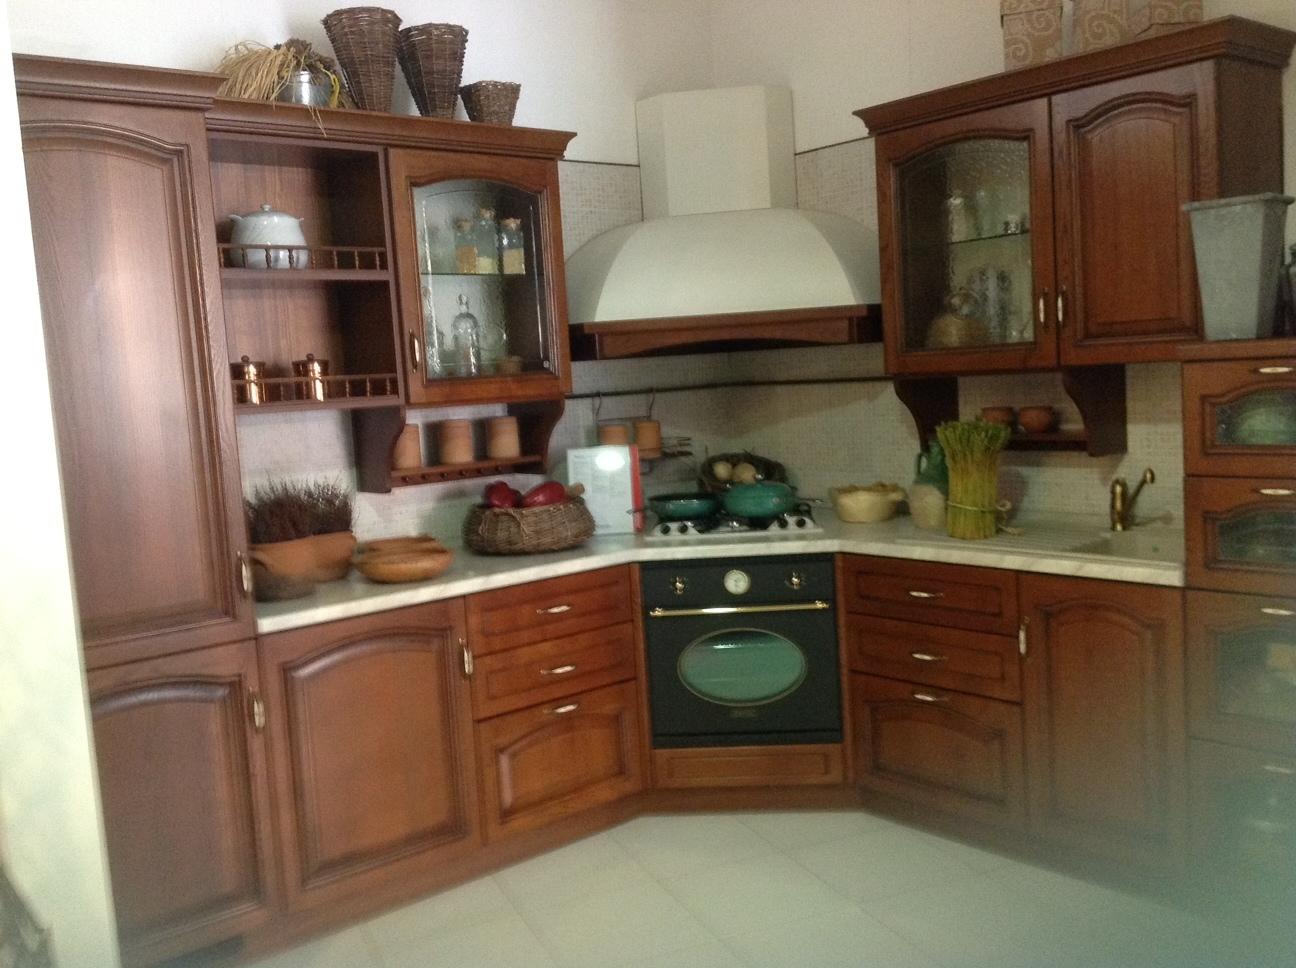 Cucina Scavolini Margot Legno Cucine A Prezzi Scontati #66412A 1296 968 Immagini Cucine Moderne Con Isola